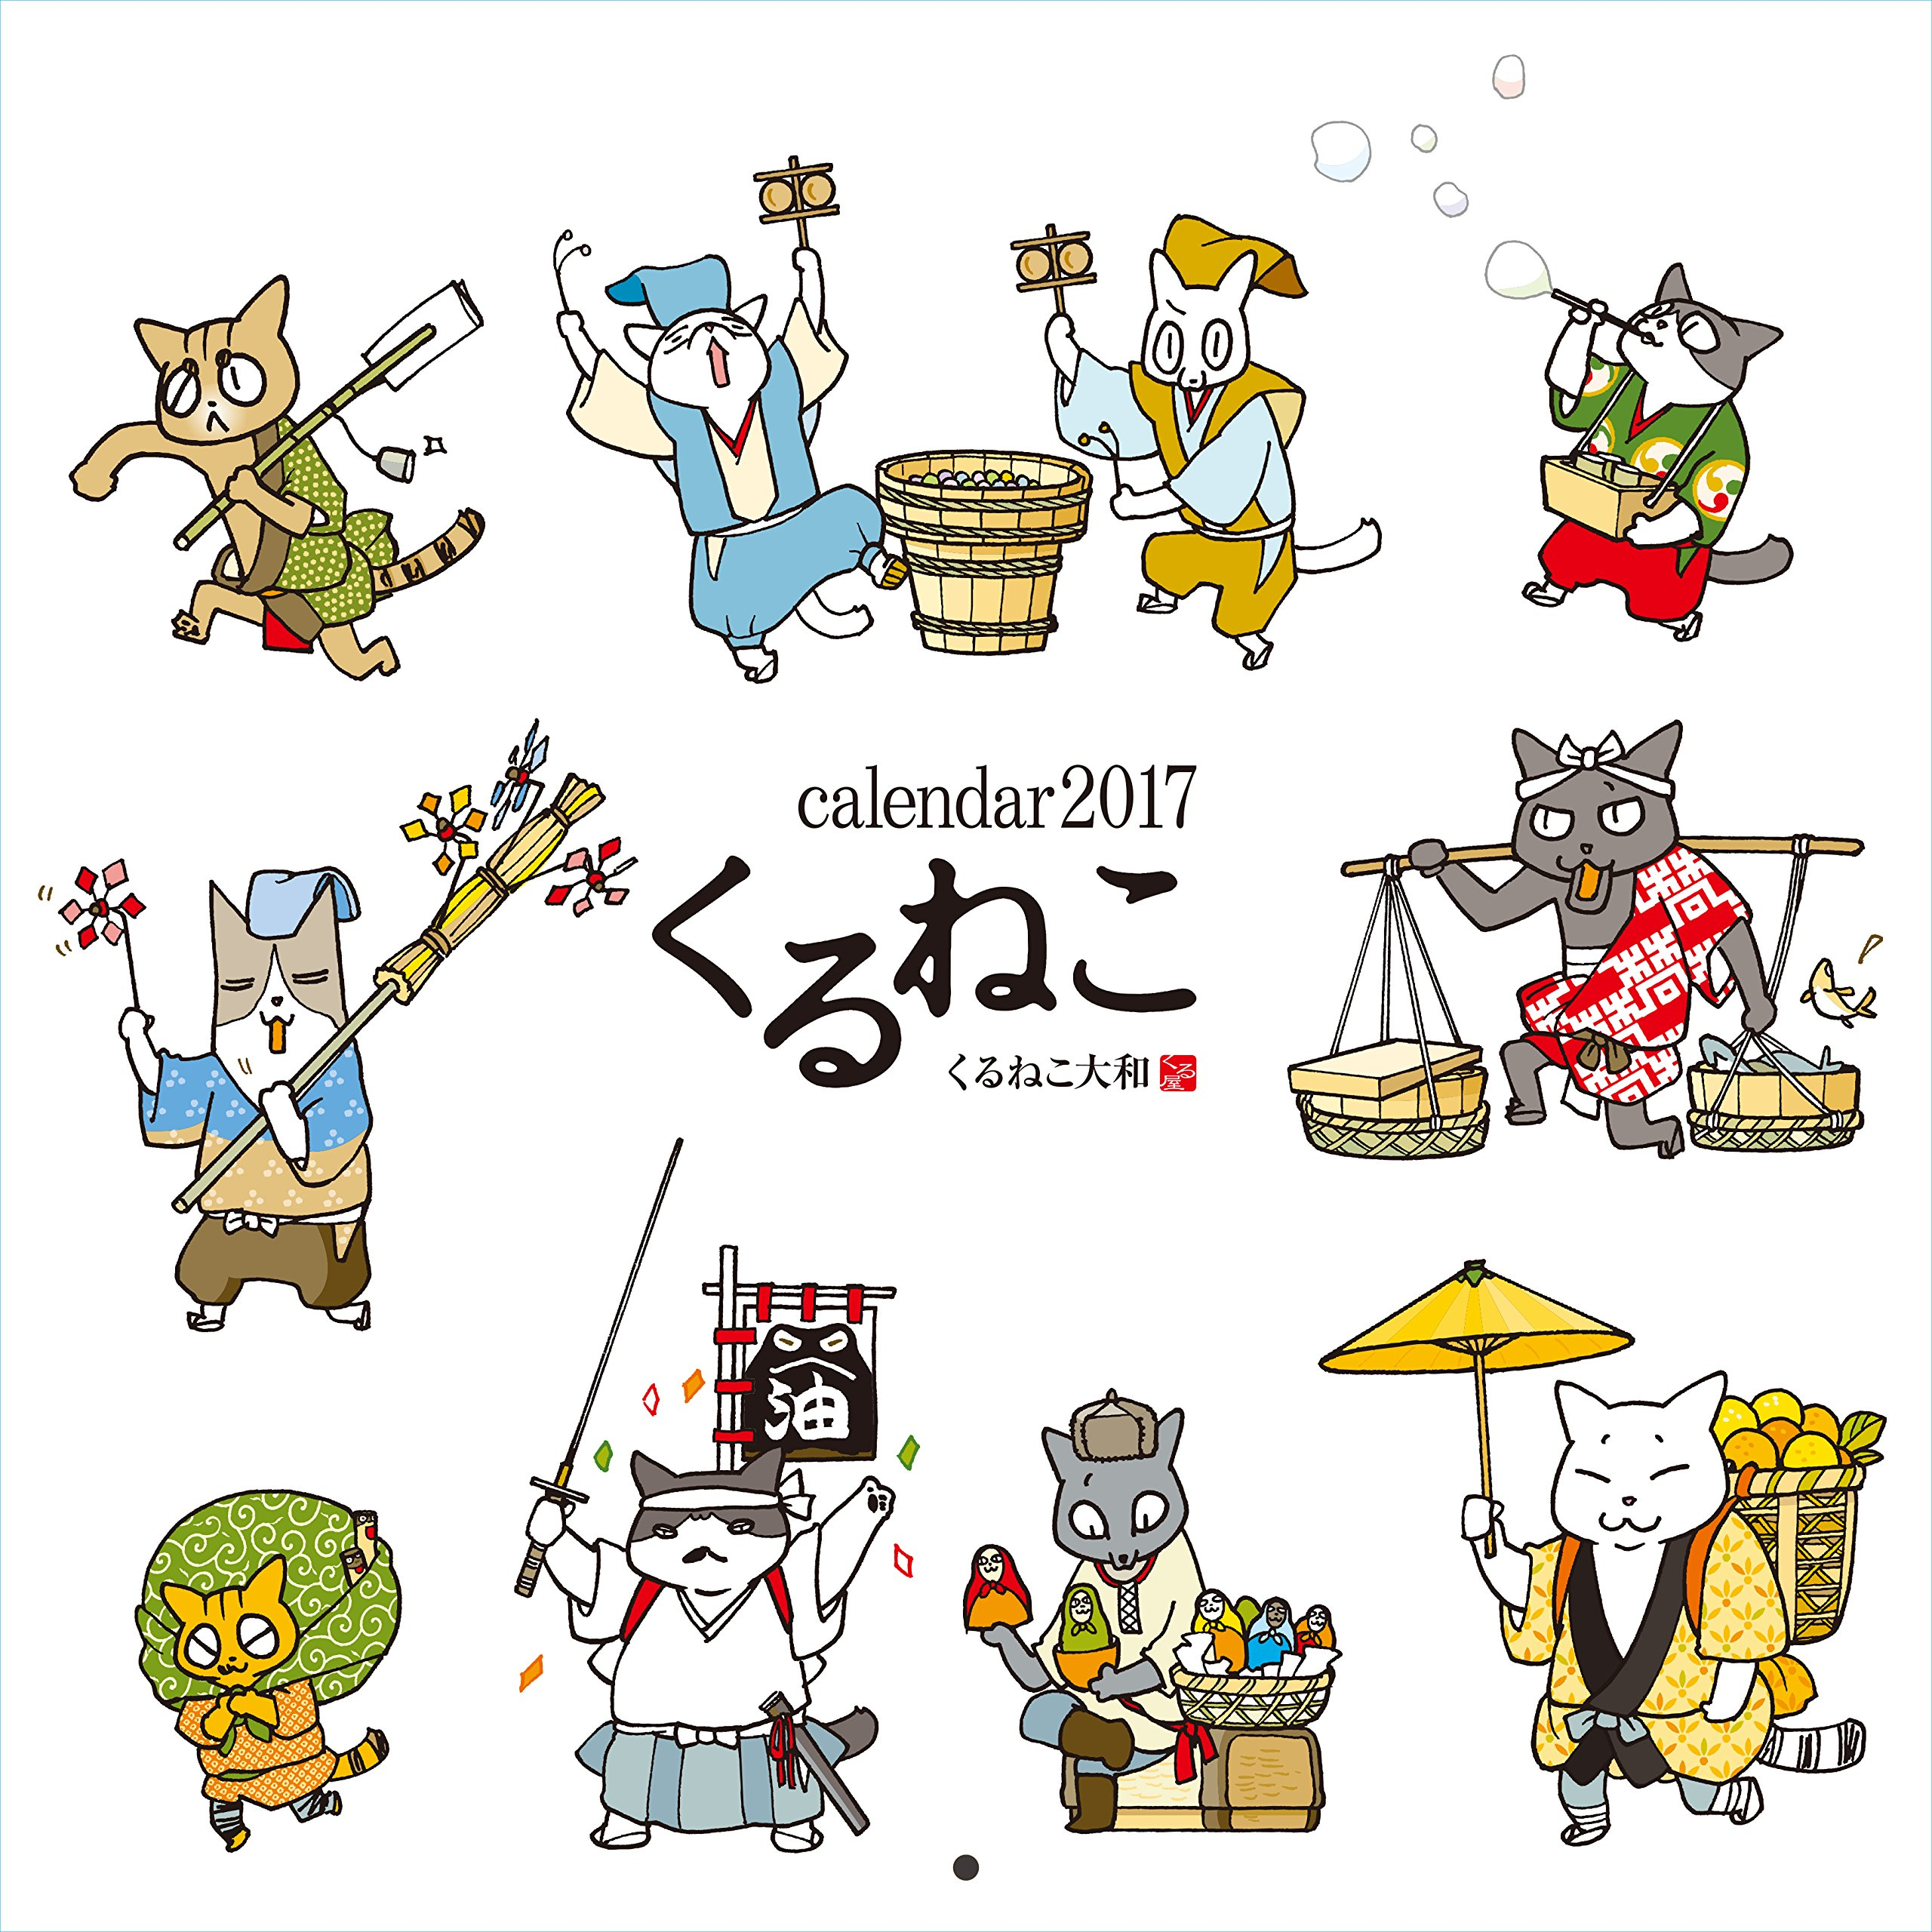 愛いっぱい優しさいっぱい、猫がいっぱい『くるねこ』